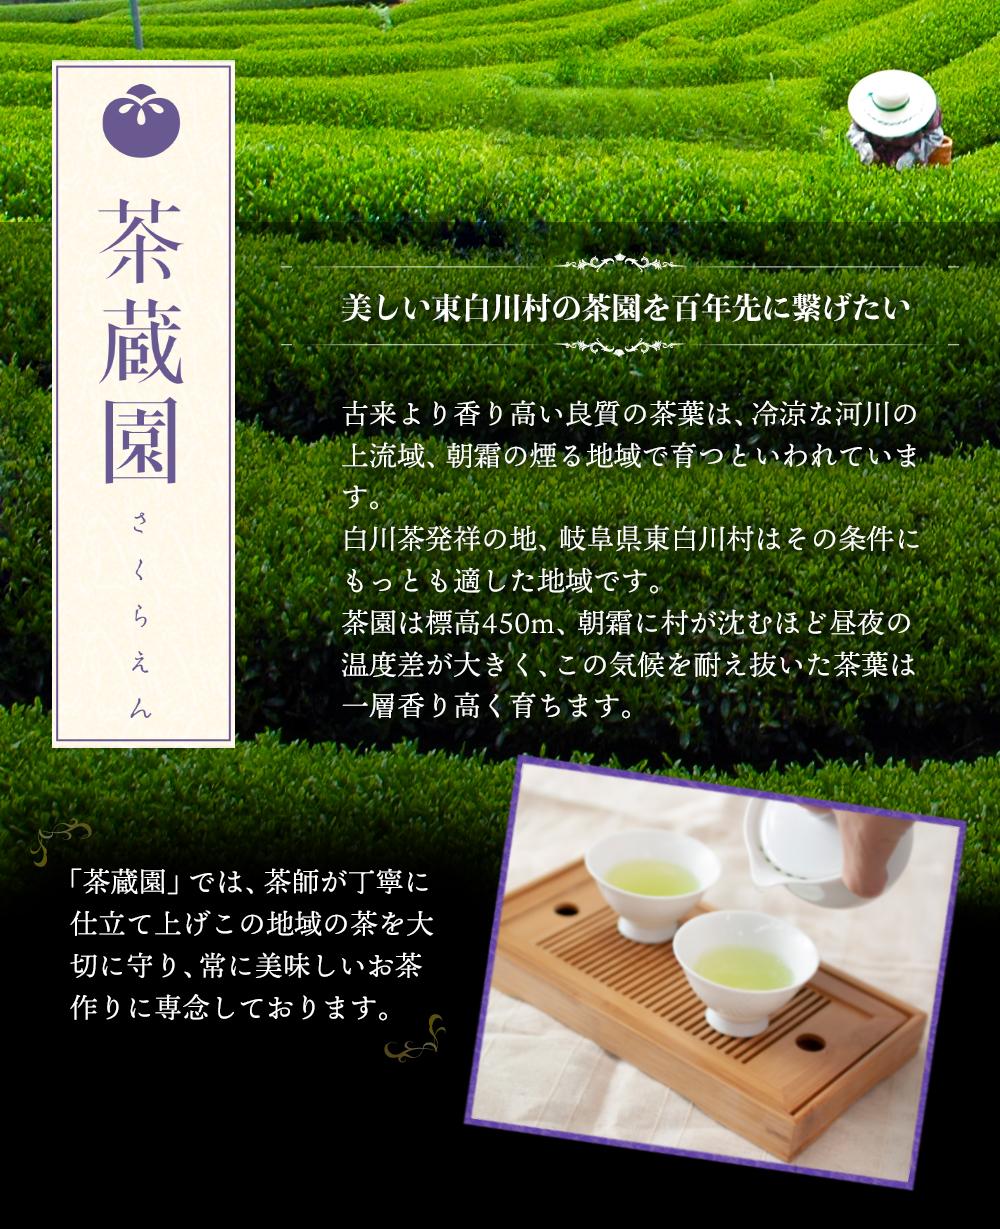 白川茶高級煎茶 天籟桐箱入り